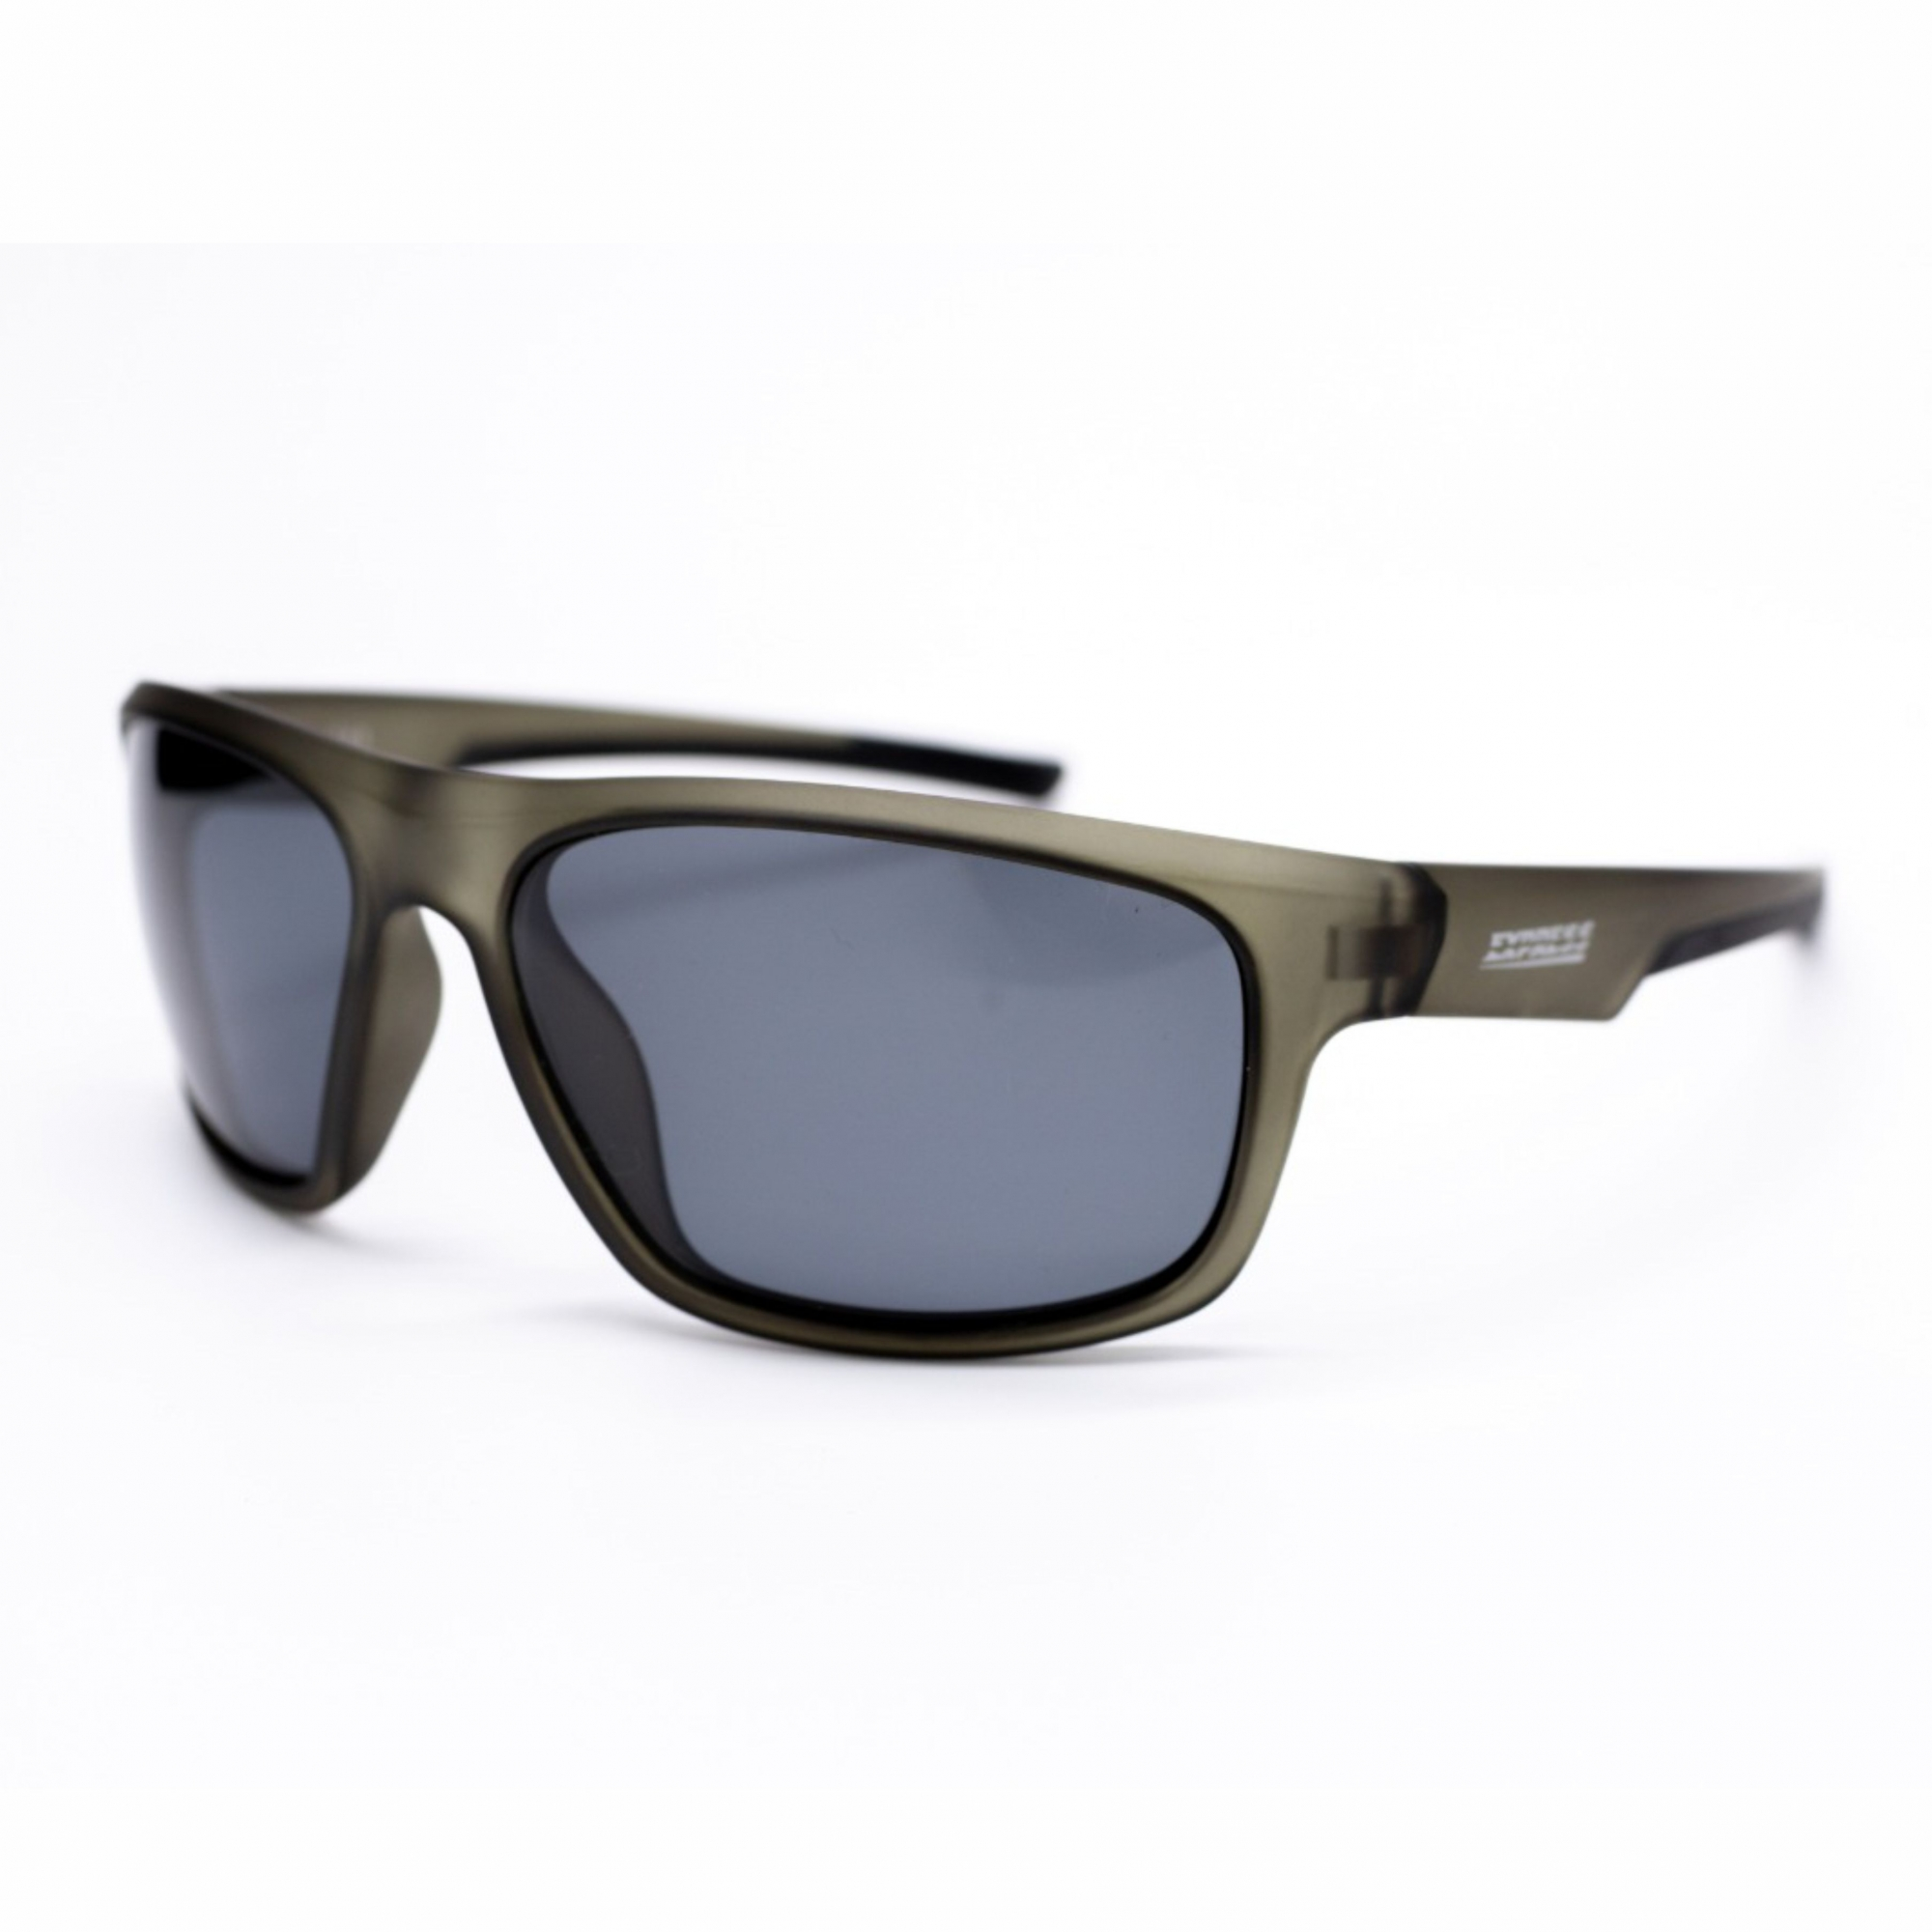 Óculos de Sol Polarizado Express Tainha Cinza